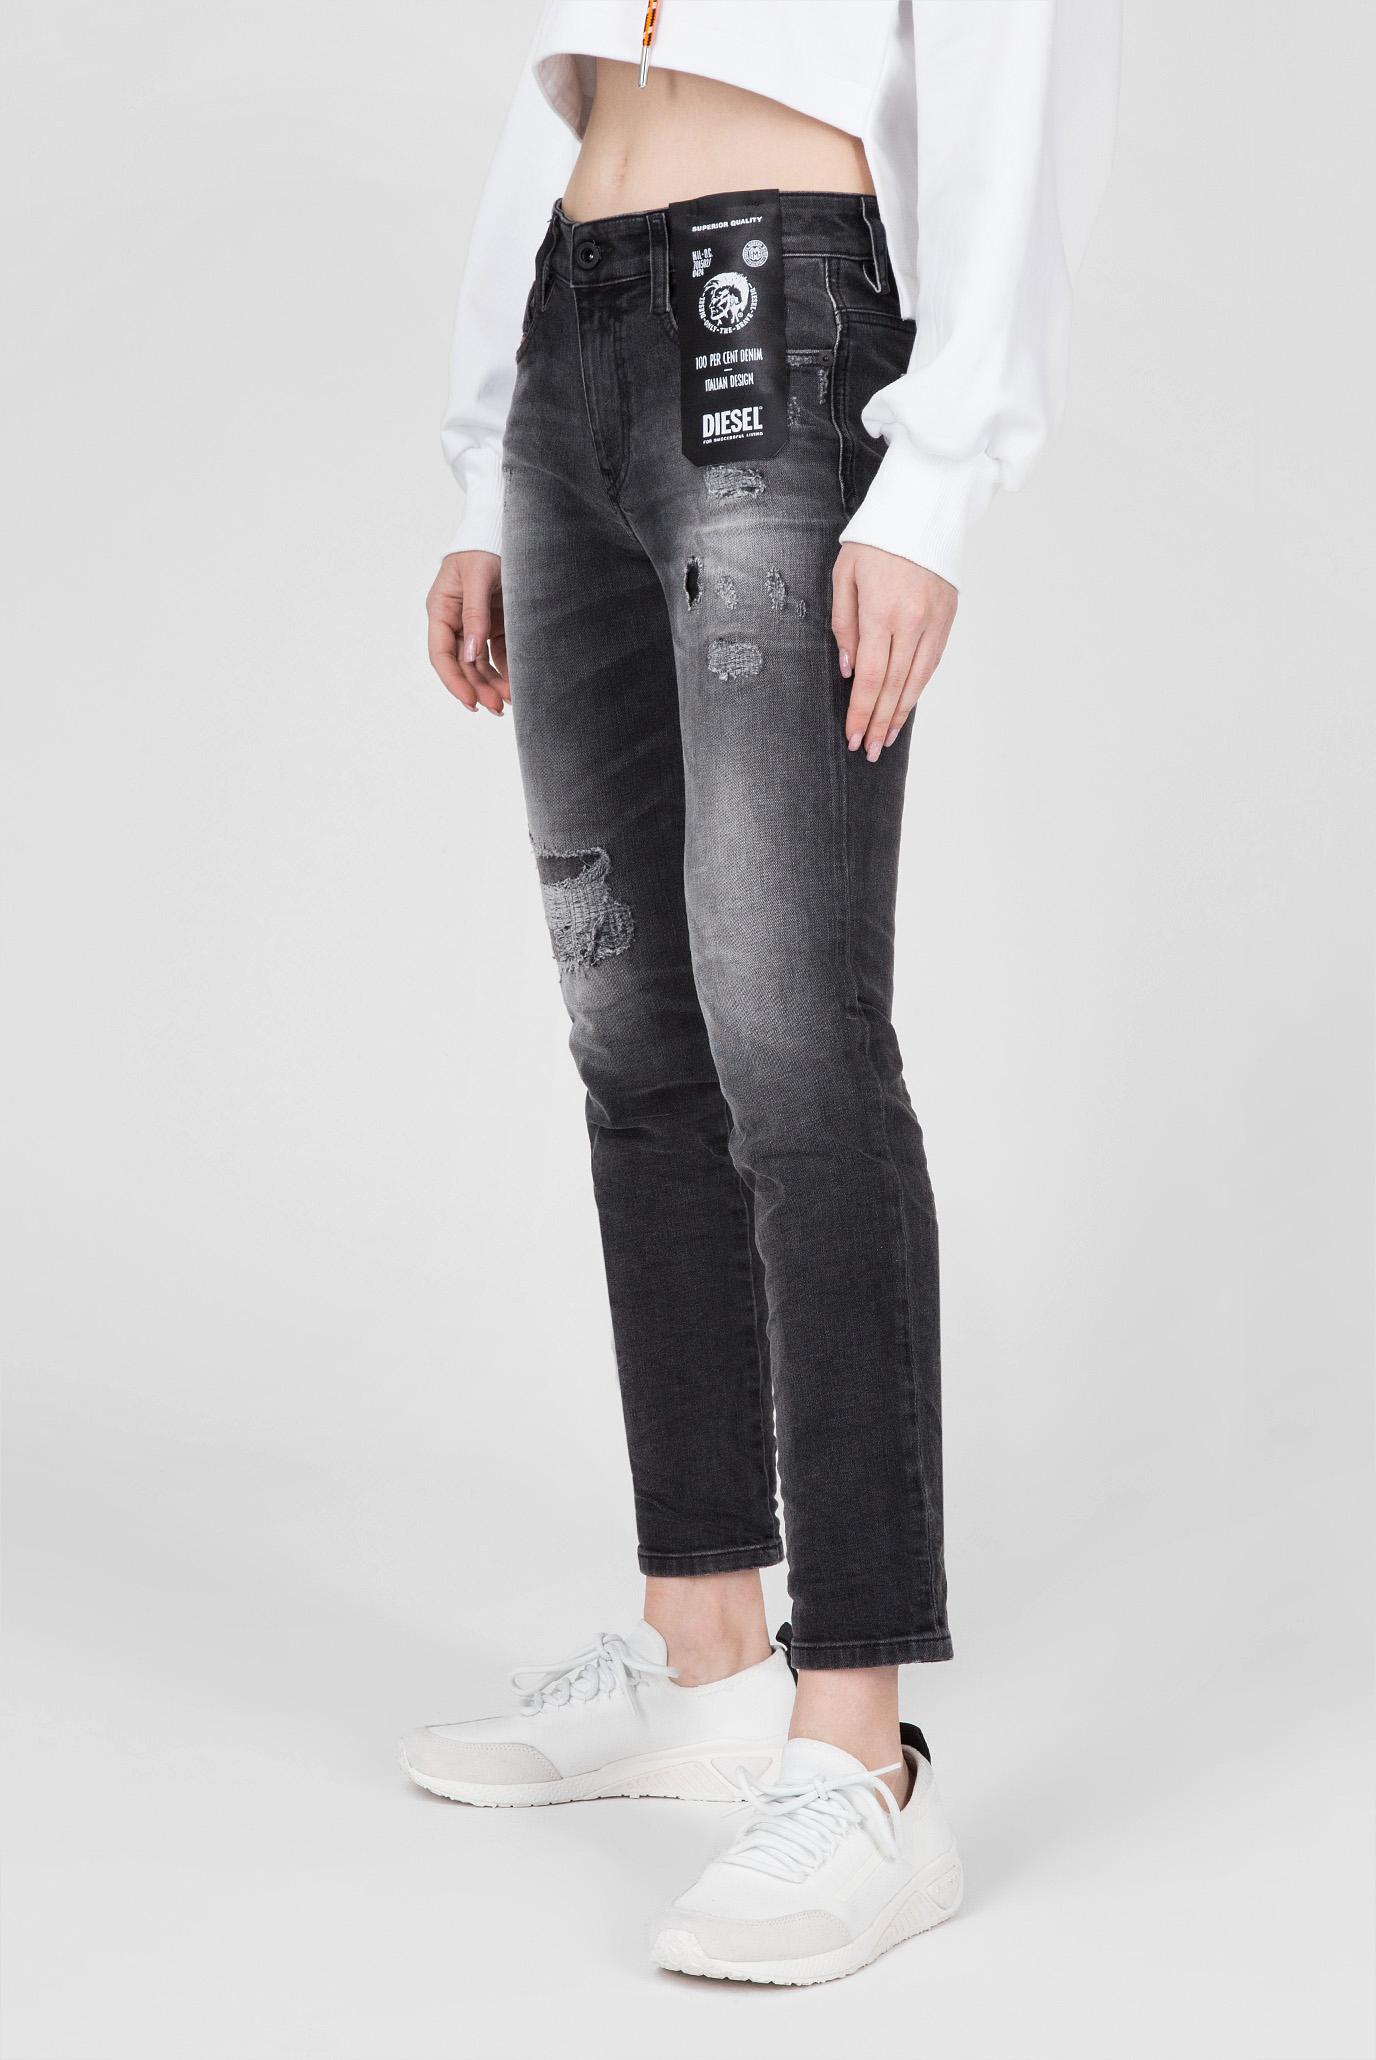 Купить Женские черные джинсы D-RIFTY Diesel Diesel 00SMN0 069DW – Киев, Украина. Цены в интернет магазине MD Fashion